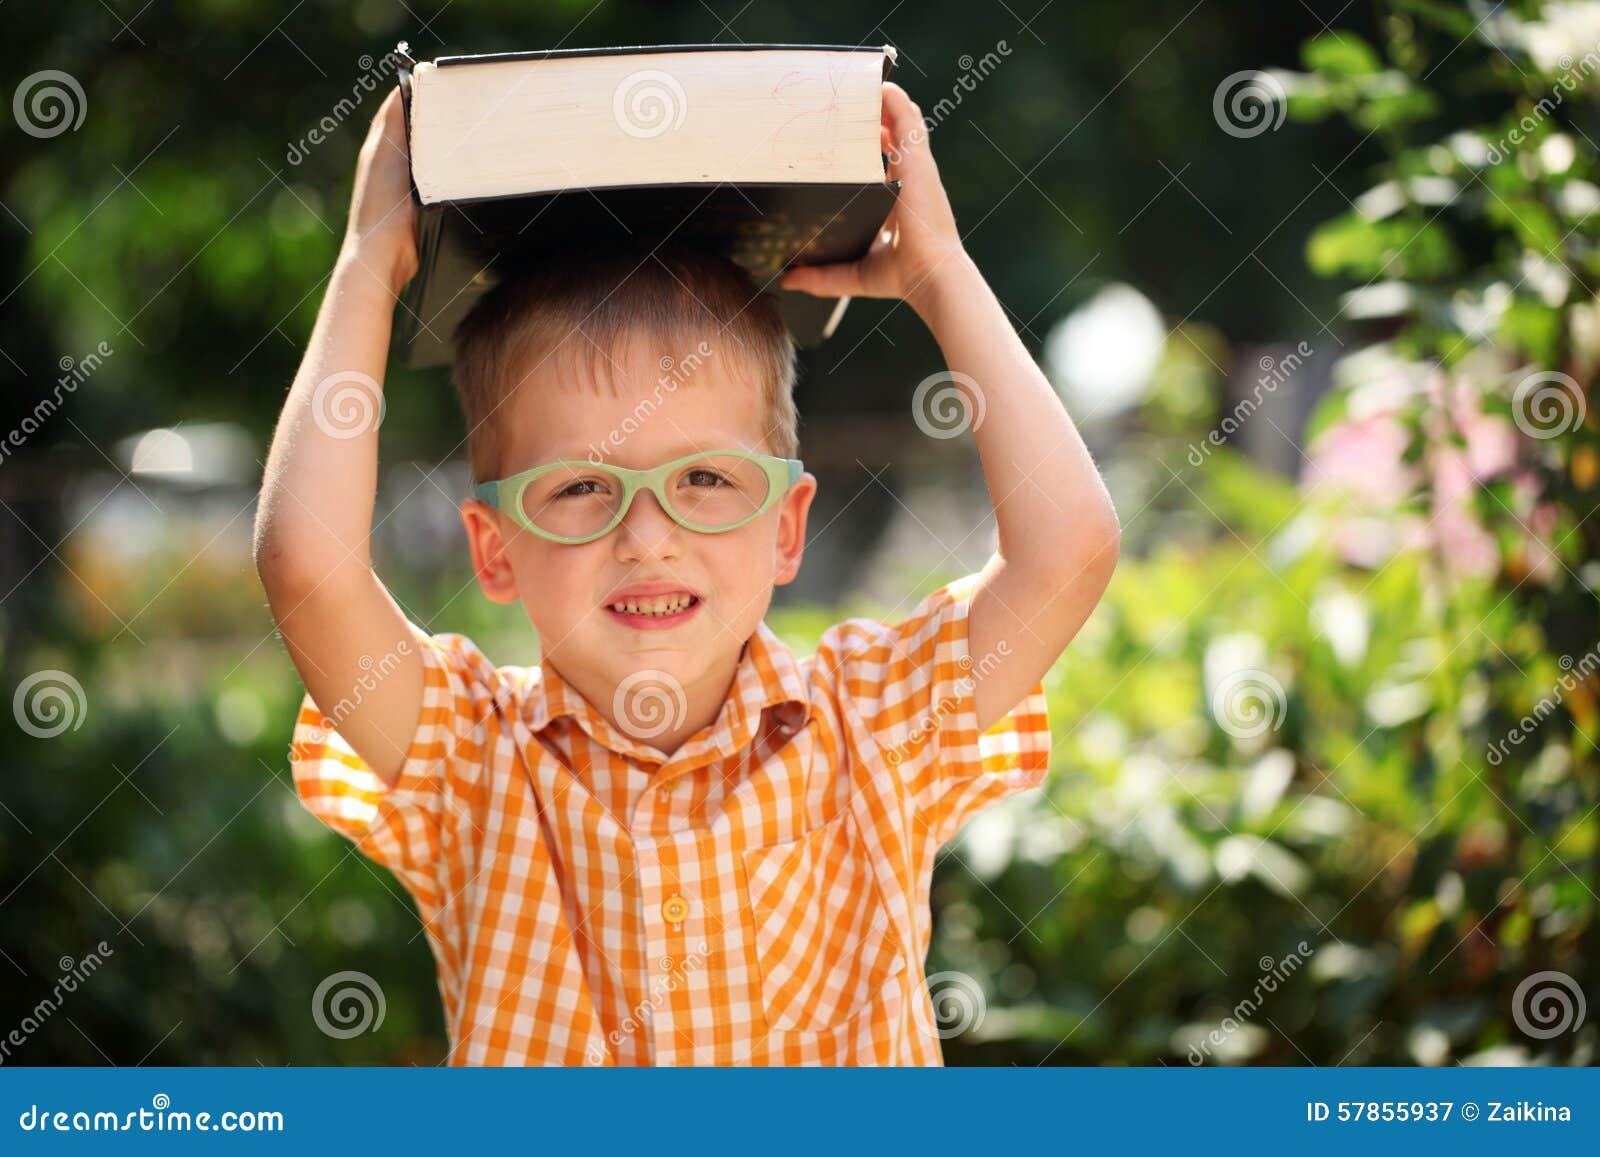 Мальчик портрета счастливый держа большую книгу на его первый день к школе или питомнику Outdoors, назад к концепции школы